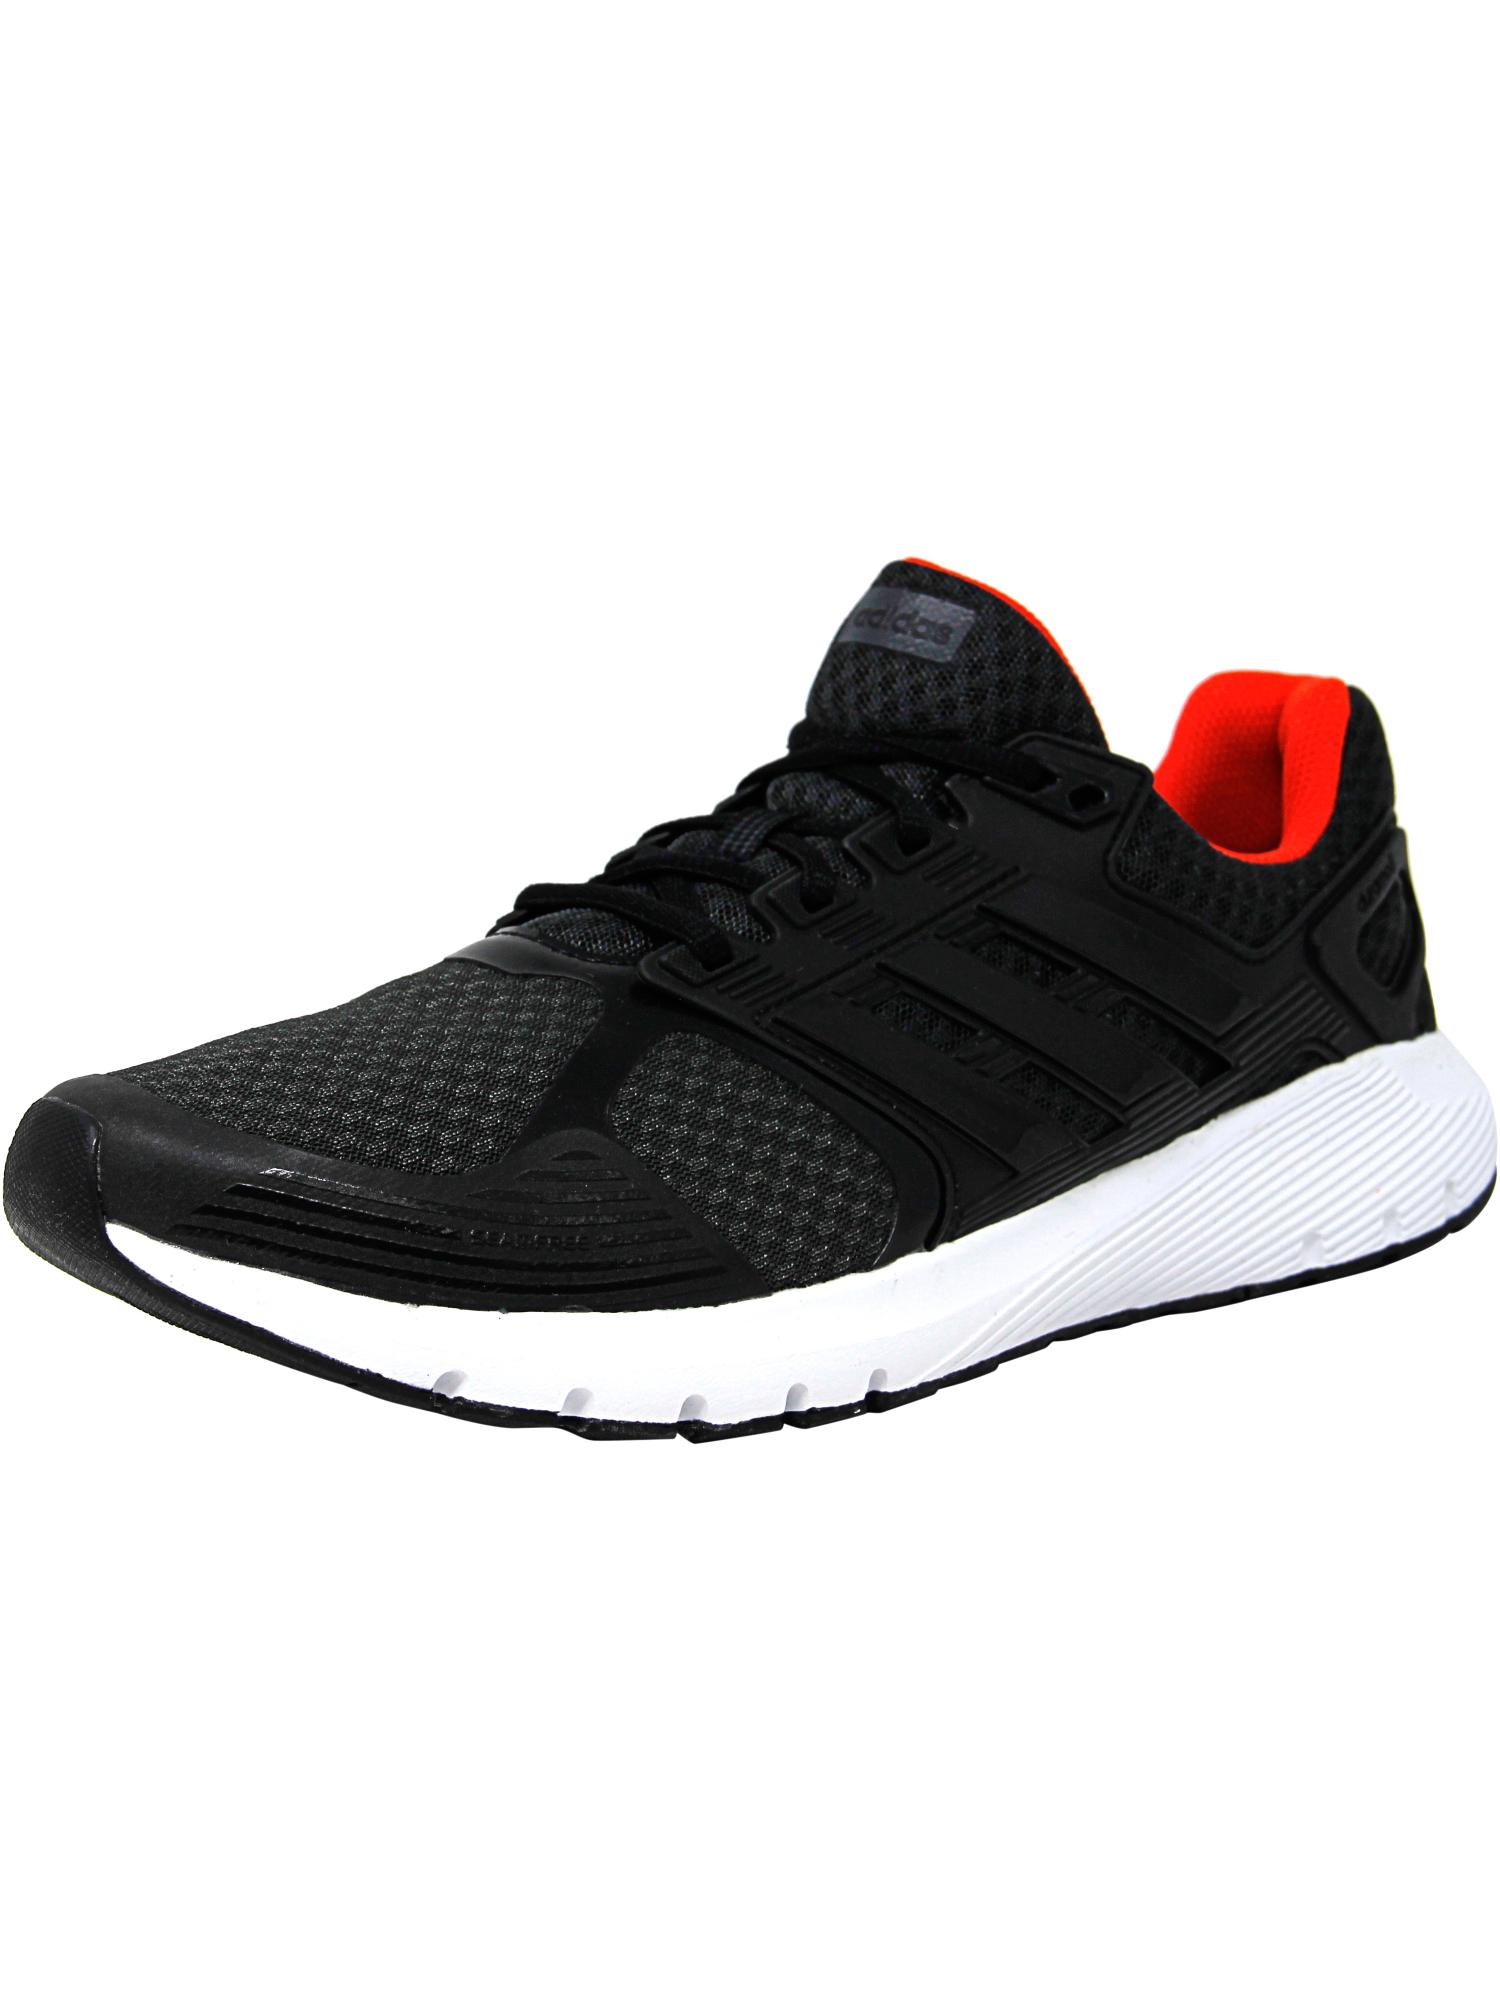 new concept 66287 0f672 ... Adidas uomini duramo 8 caviglia alta scarpa da corsa corsa corsa 8ca2a6  ...